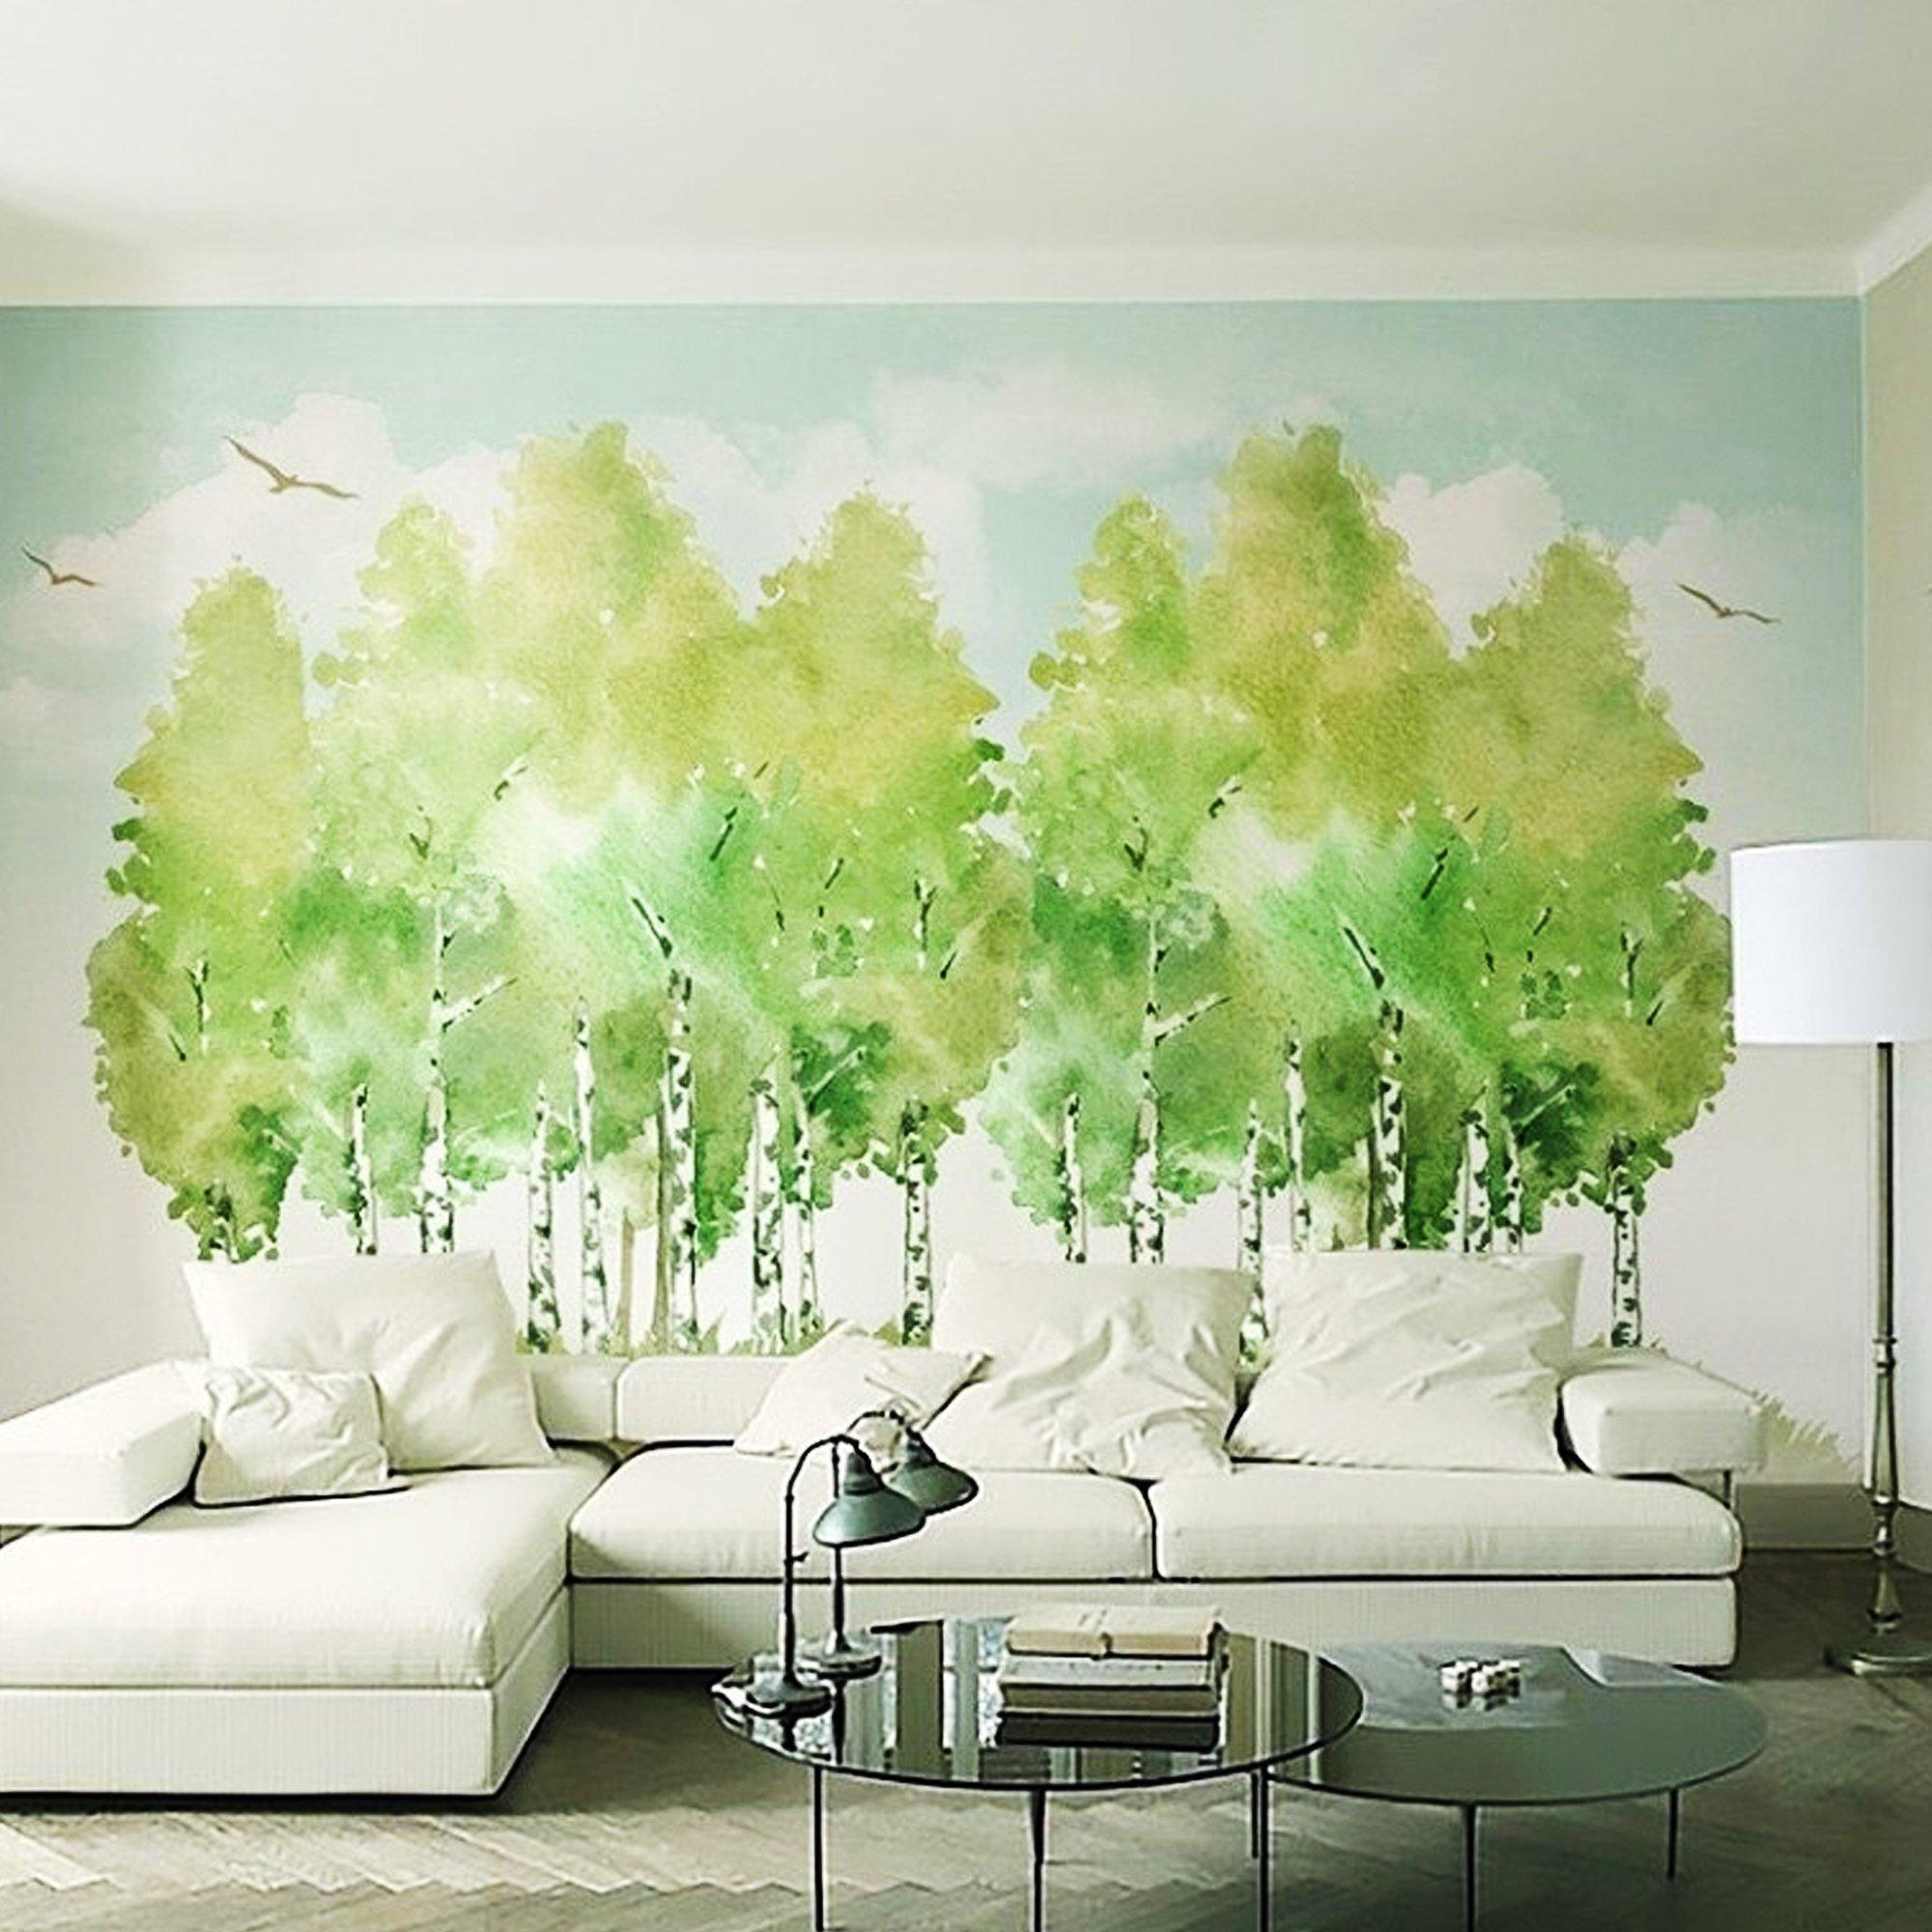 Tranh dán tường rừng xanh 2